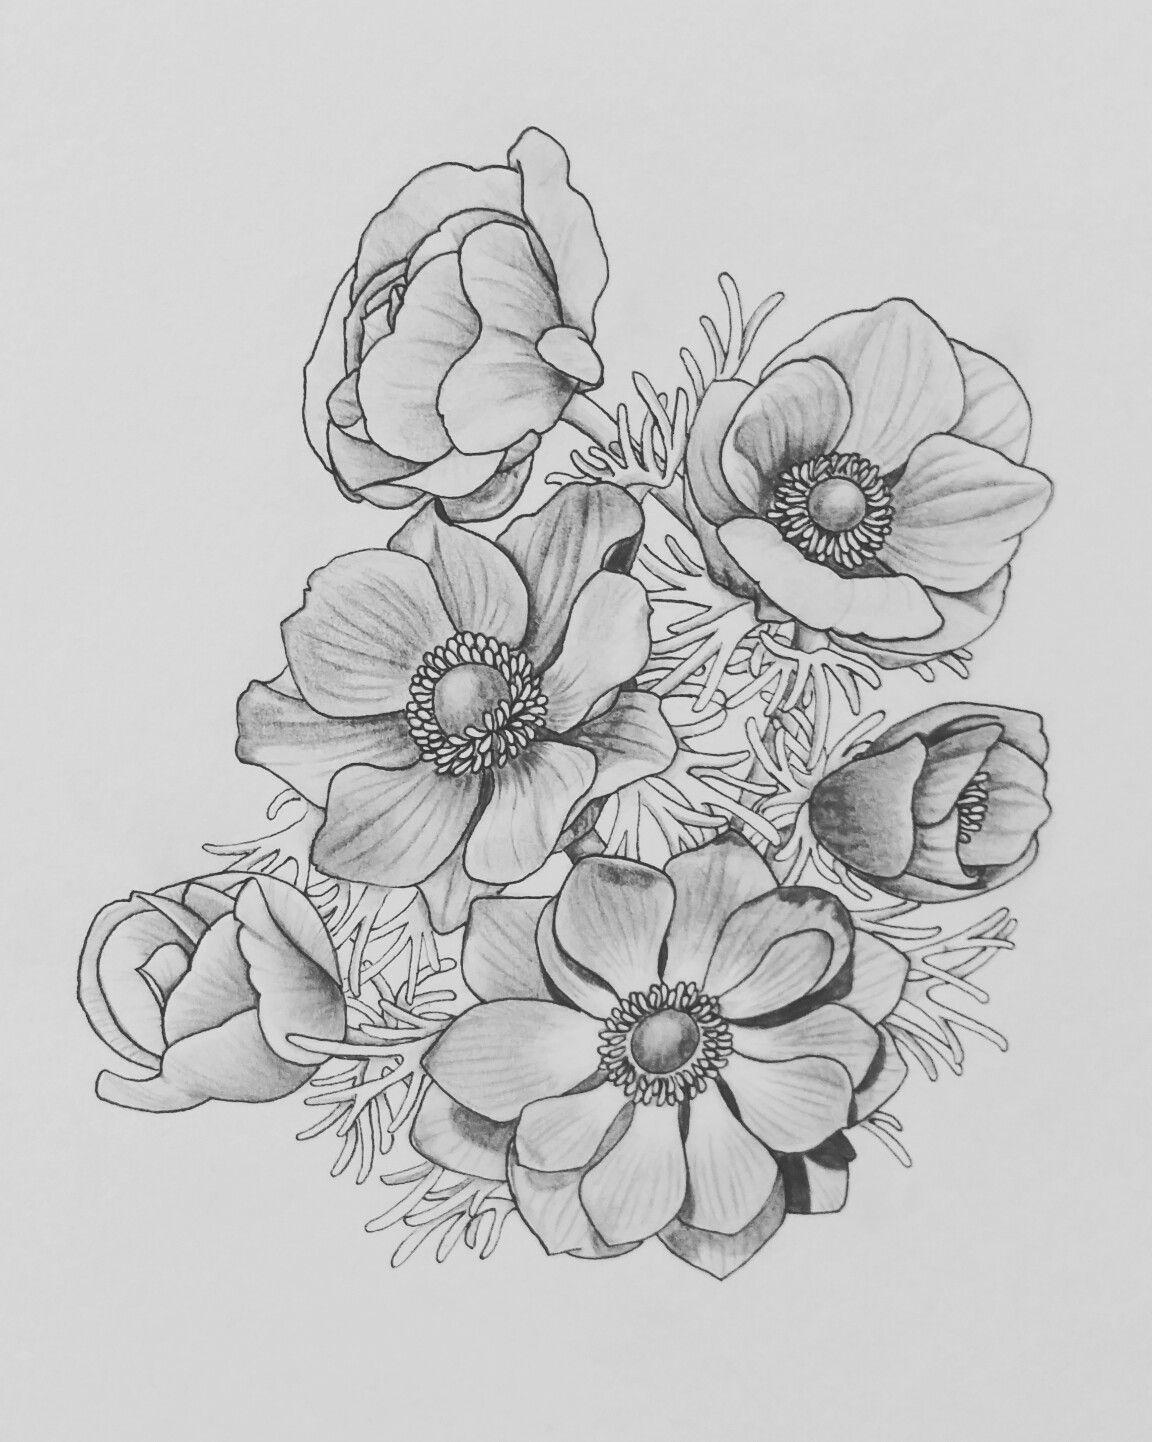 цветочные композиции картинки карандашом сначала